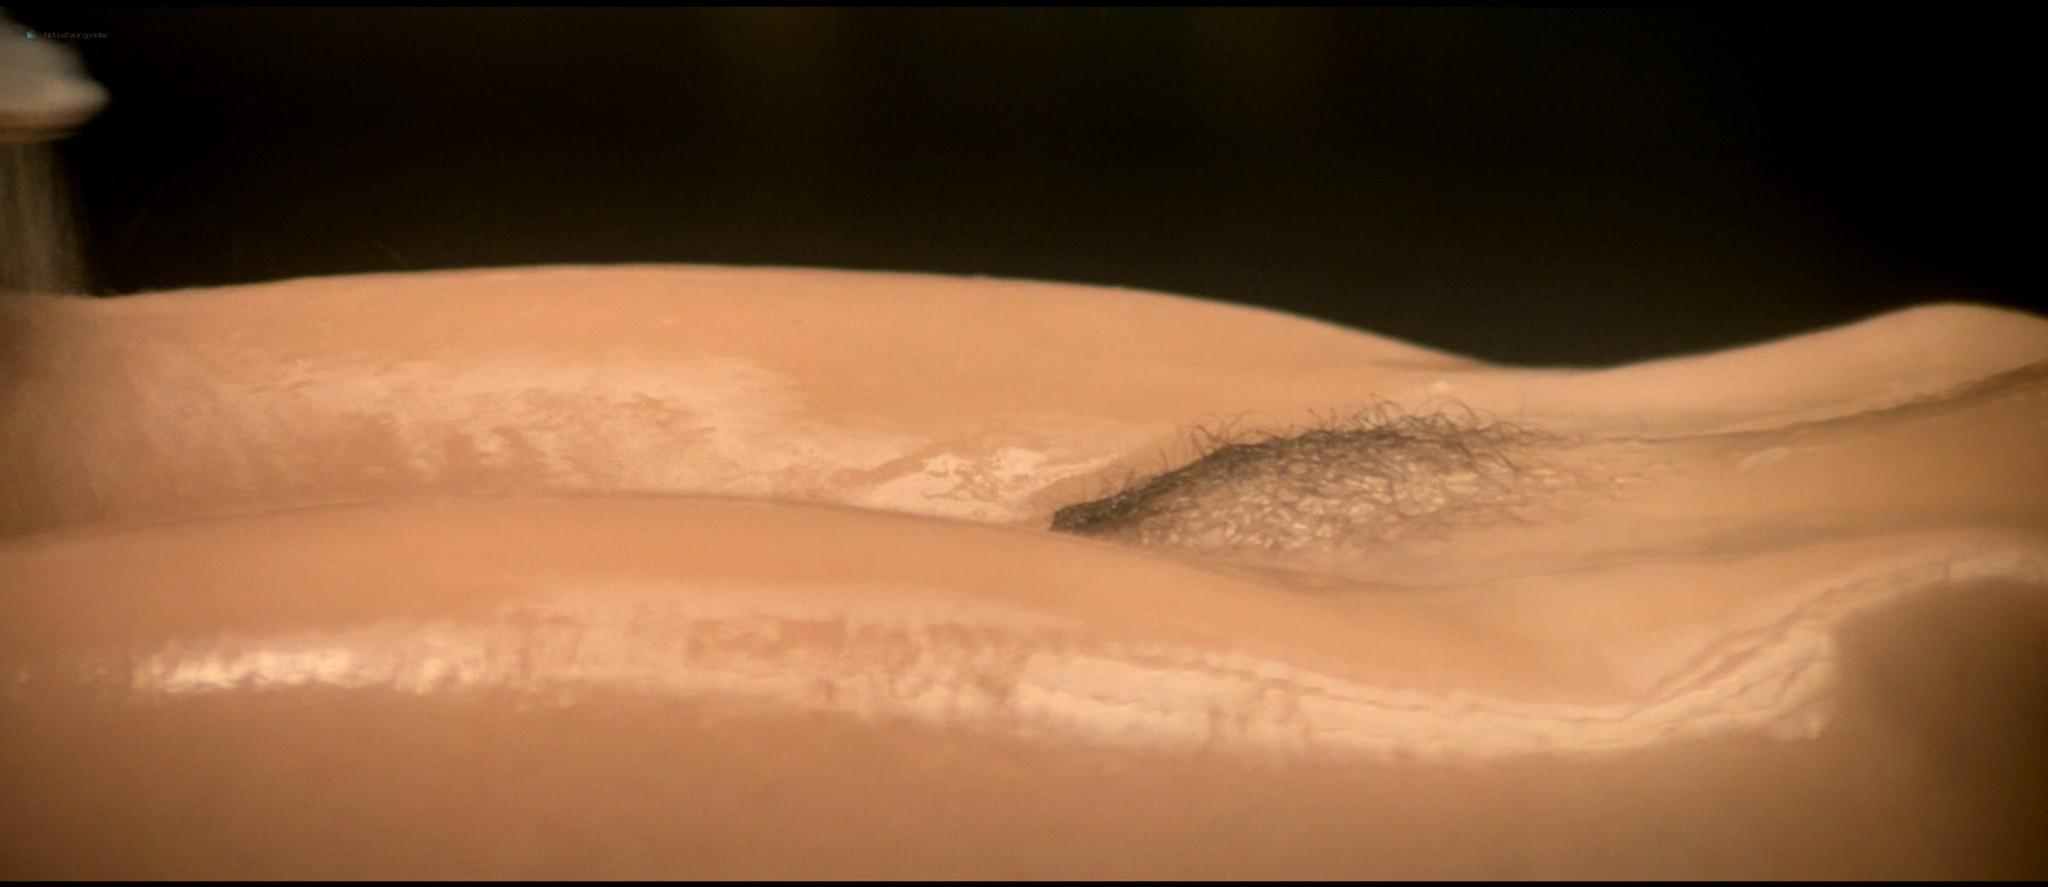 Sylvia Kristel nude sex threesome Catherine Rivet, Laura Gemser nude - Emmanuelle 2 (1975) HD 1080p REMUX (19)